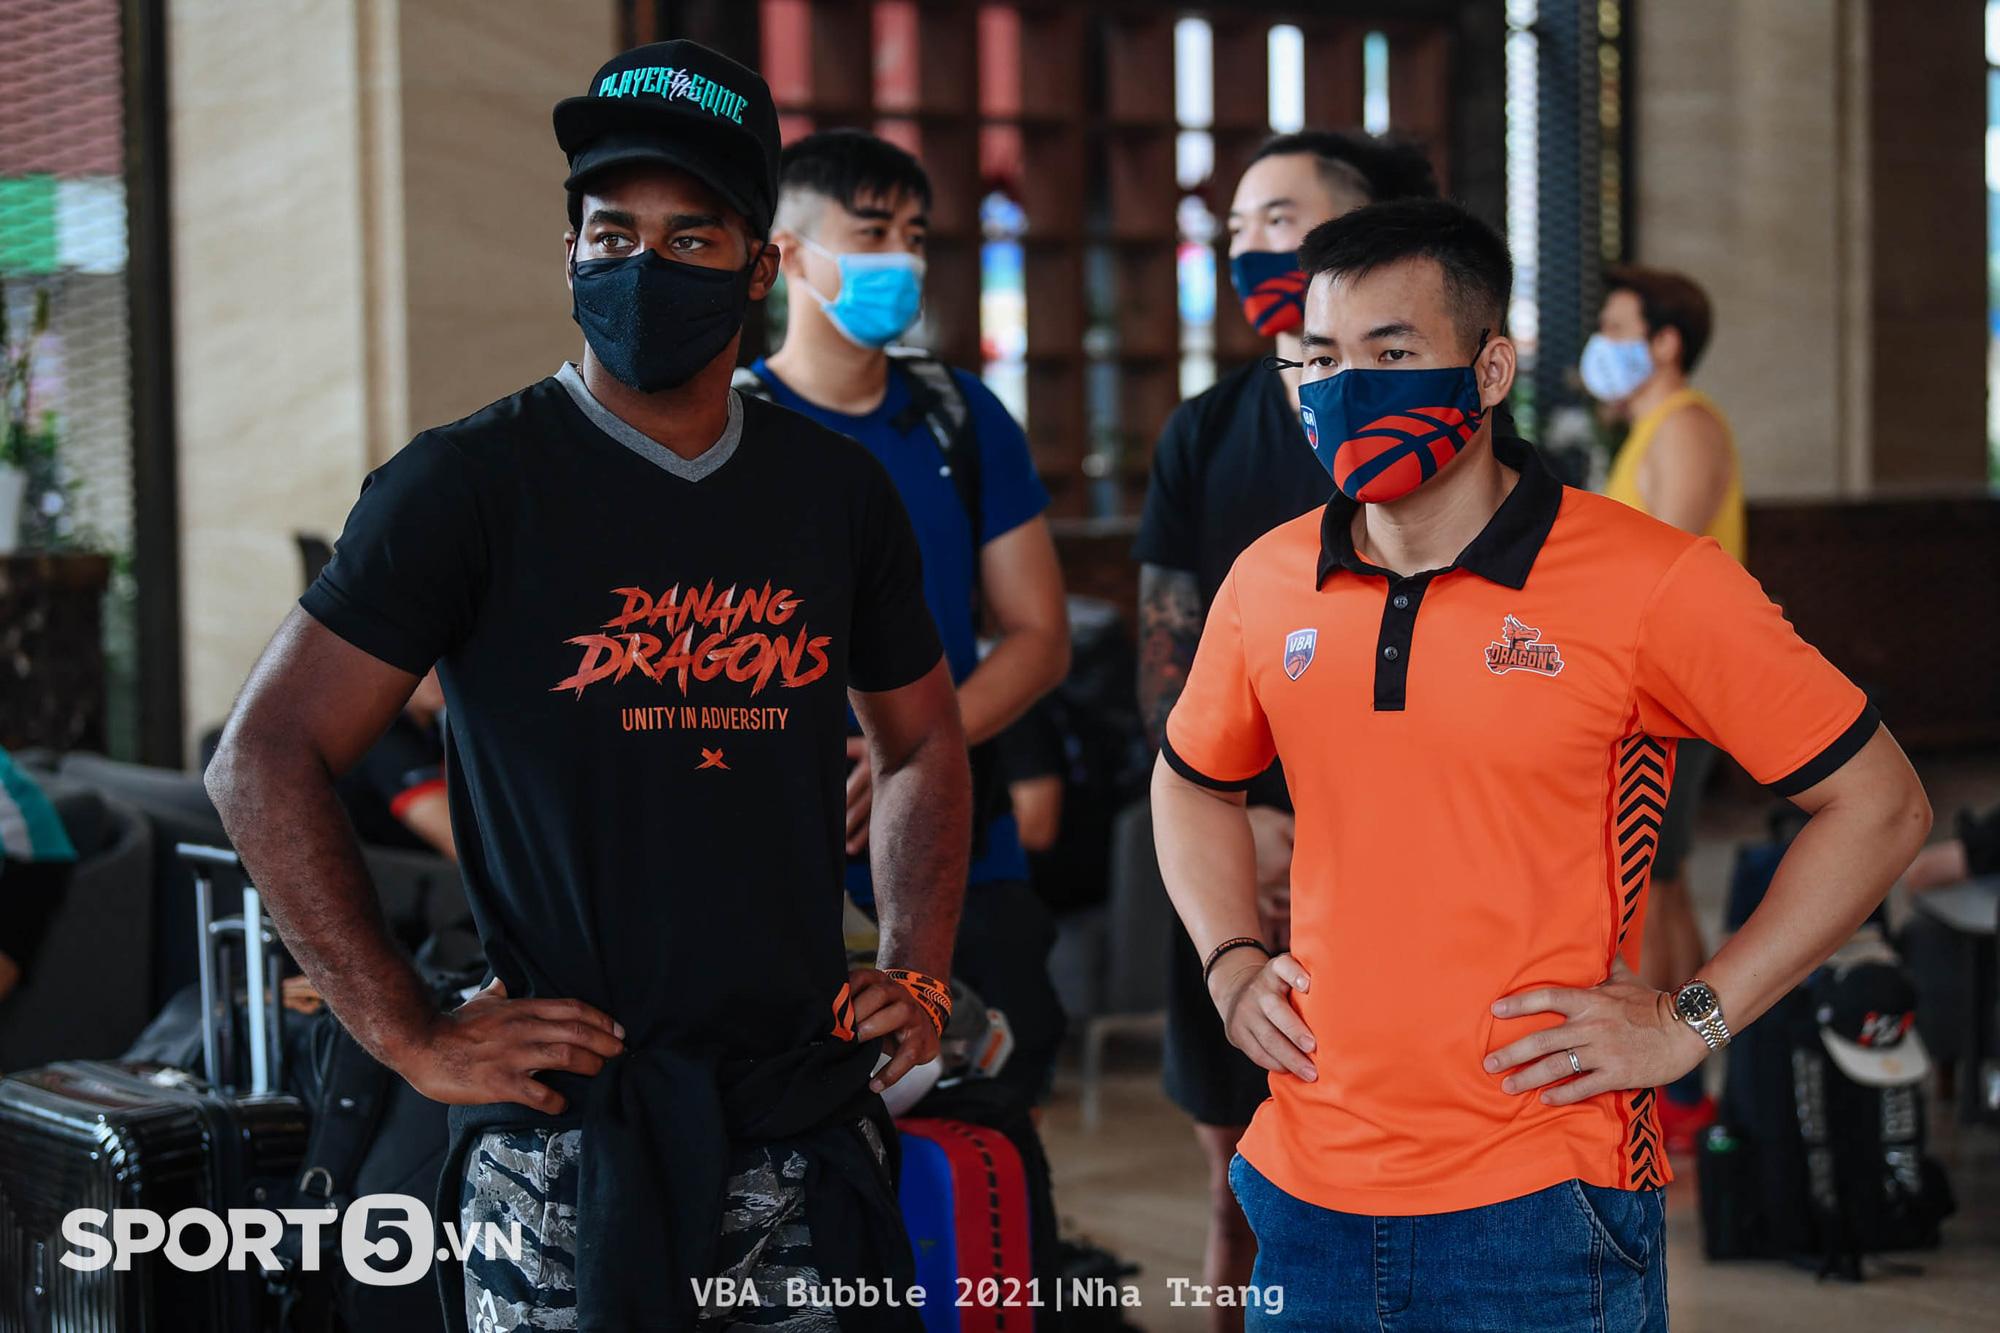 Hồi kết của VBA 2021: Gian nan và thử thách trên những chuyến xe xuyên Việt trở về nhà - Ảnh 5.